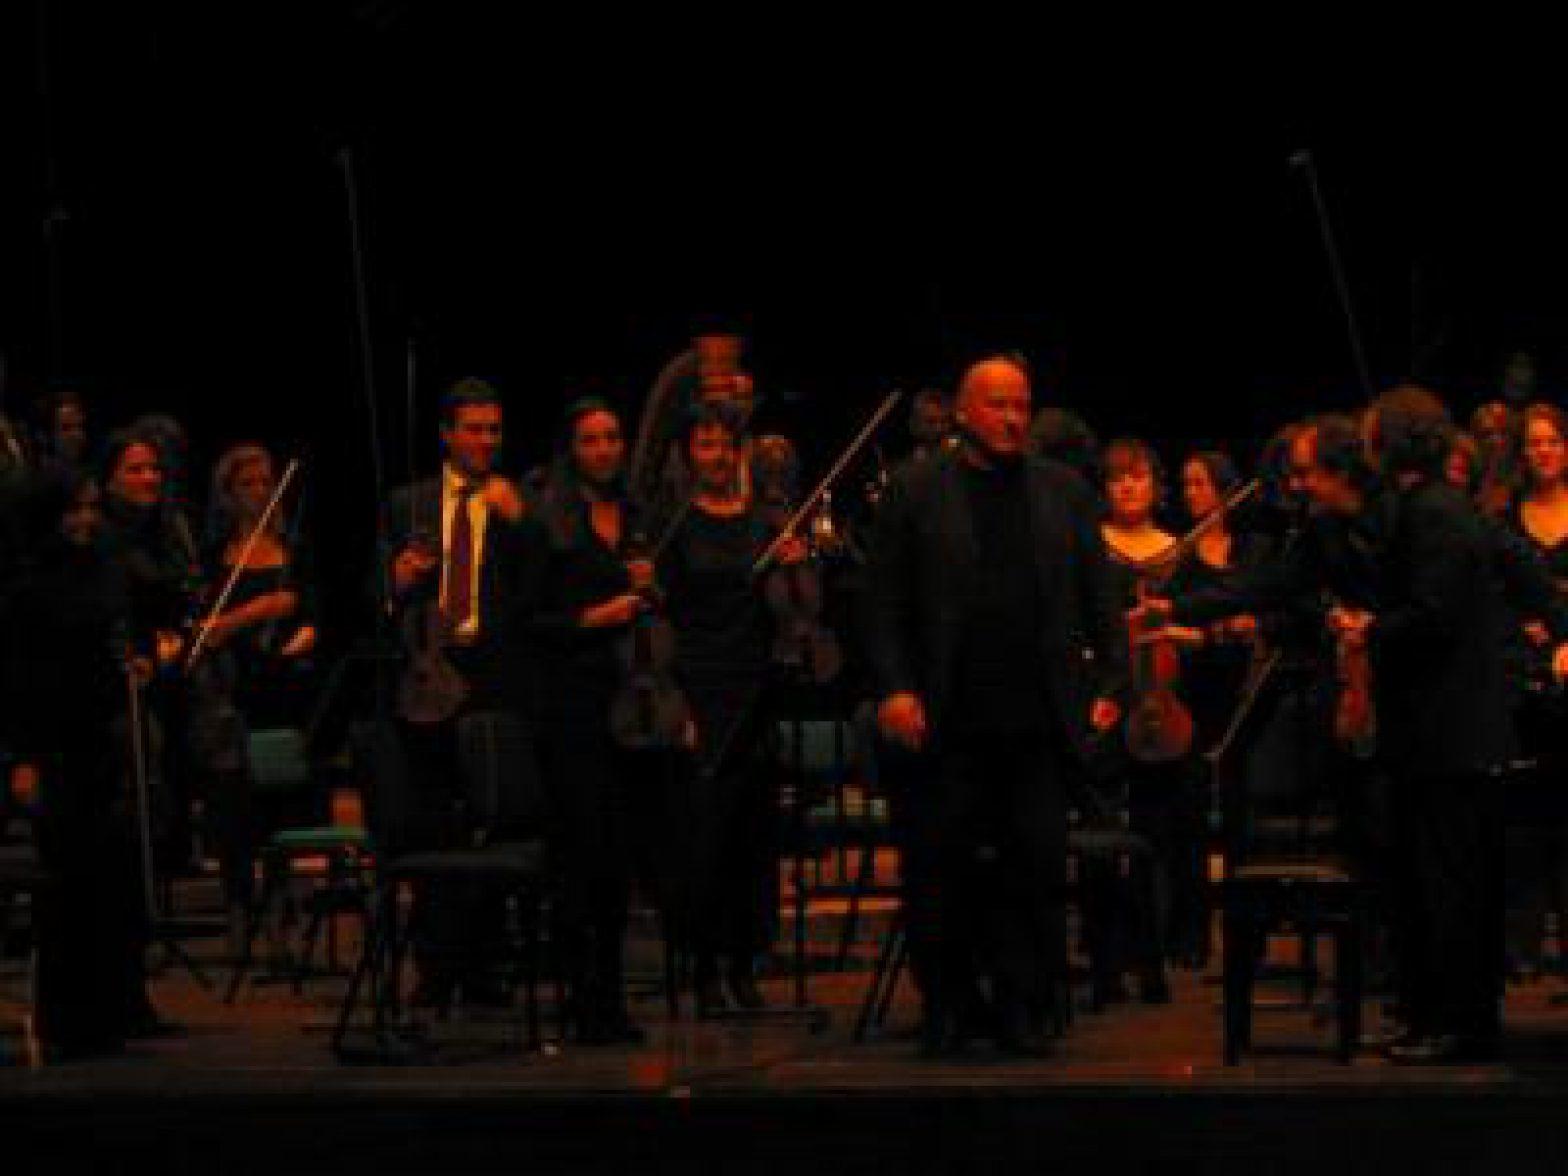 GB Amsterdam concerto bows web site